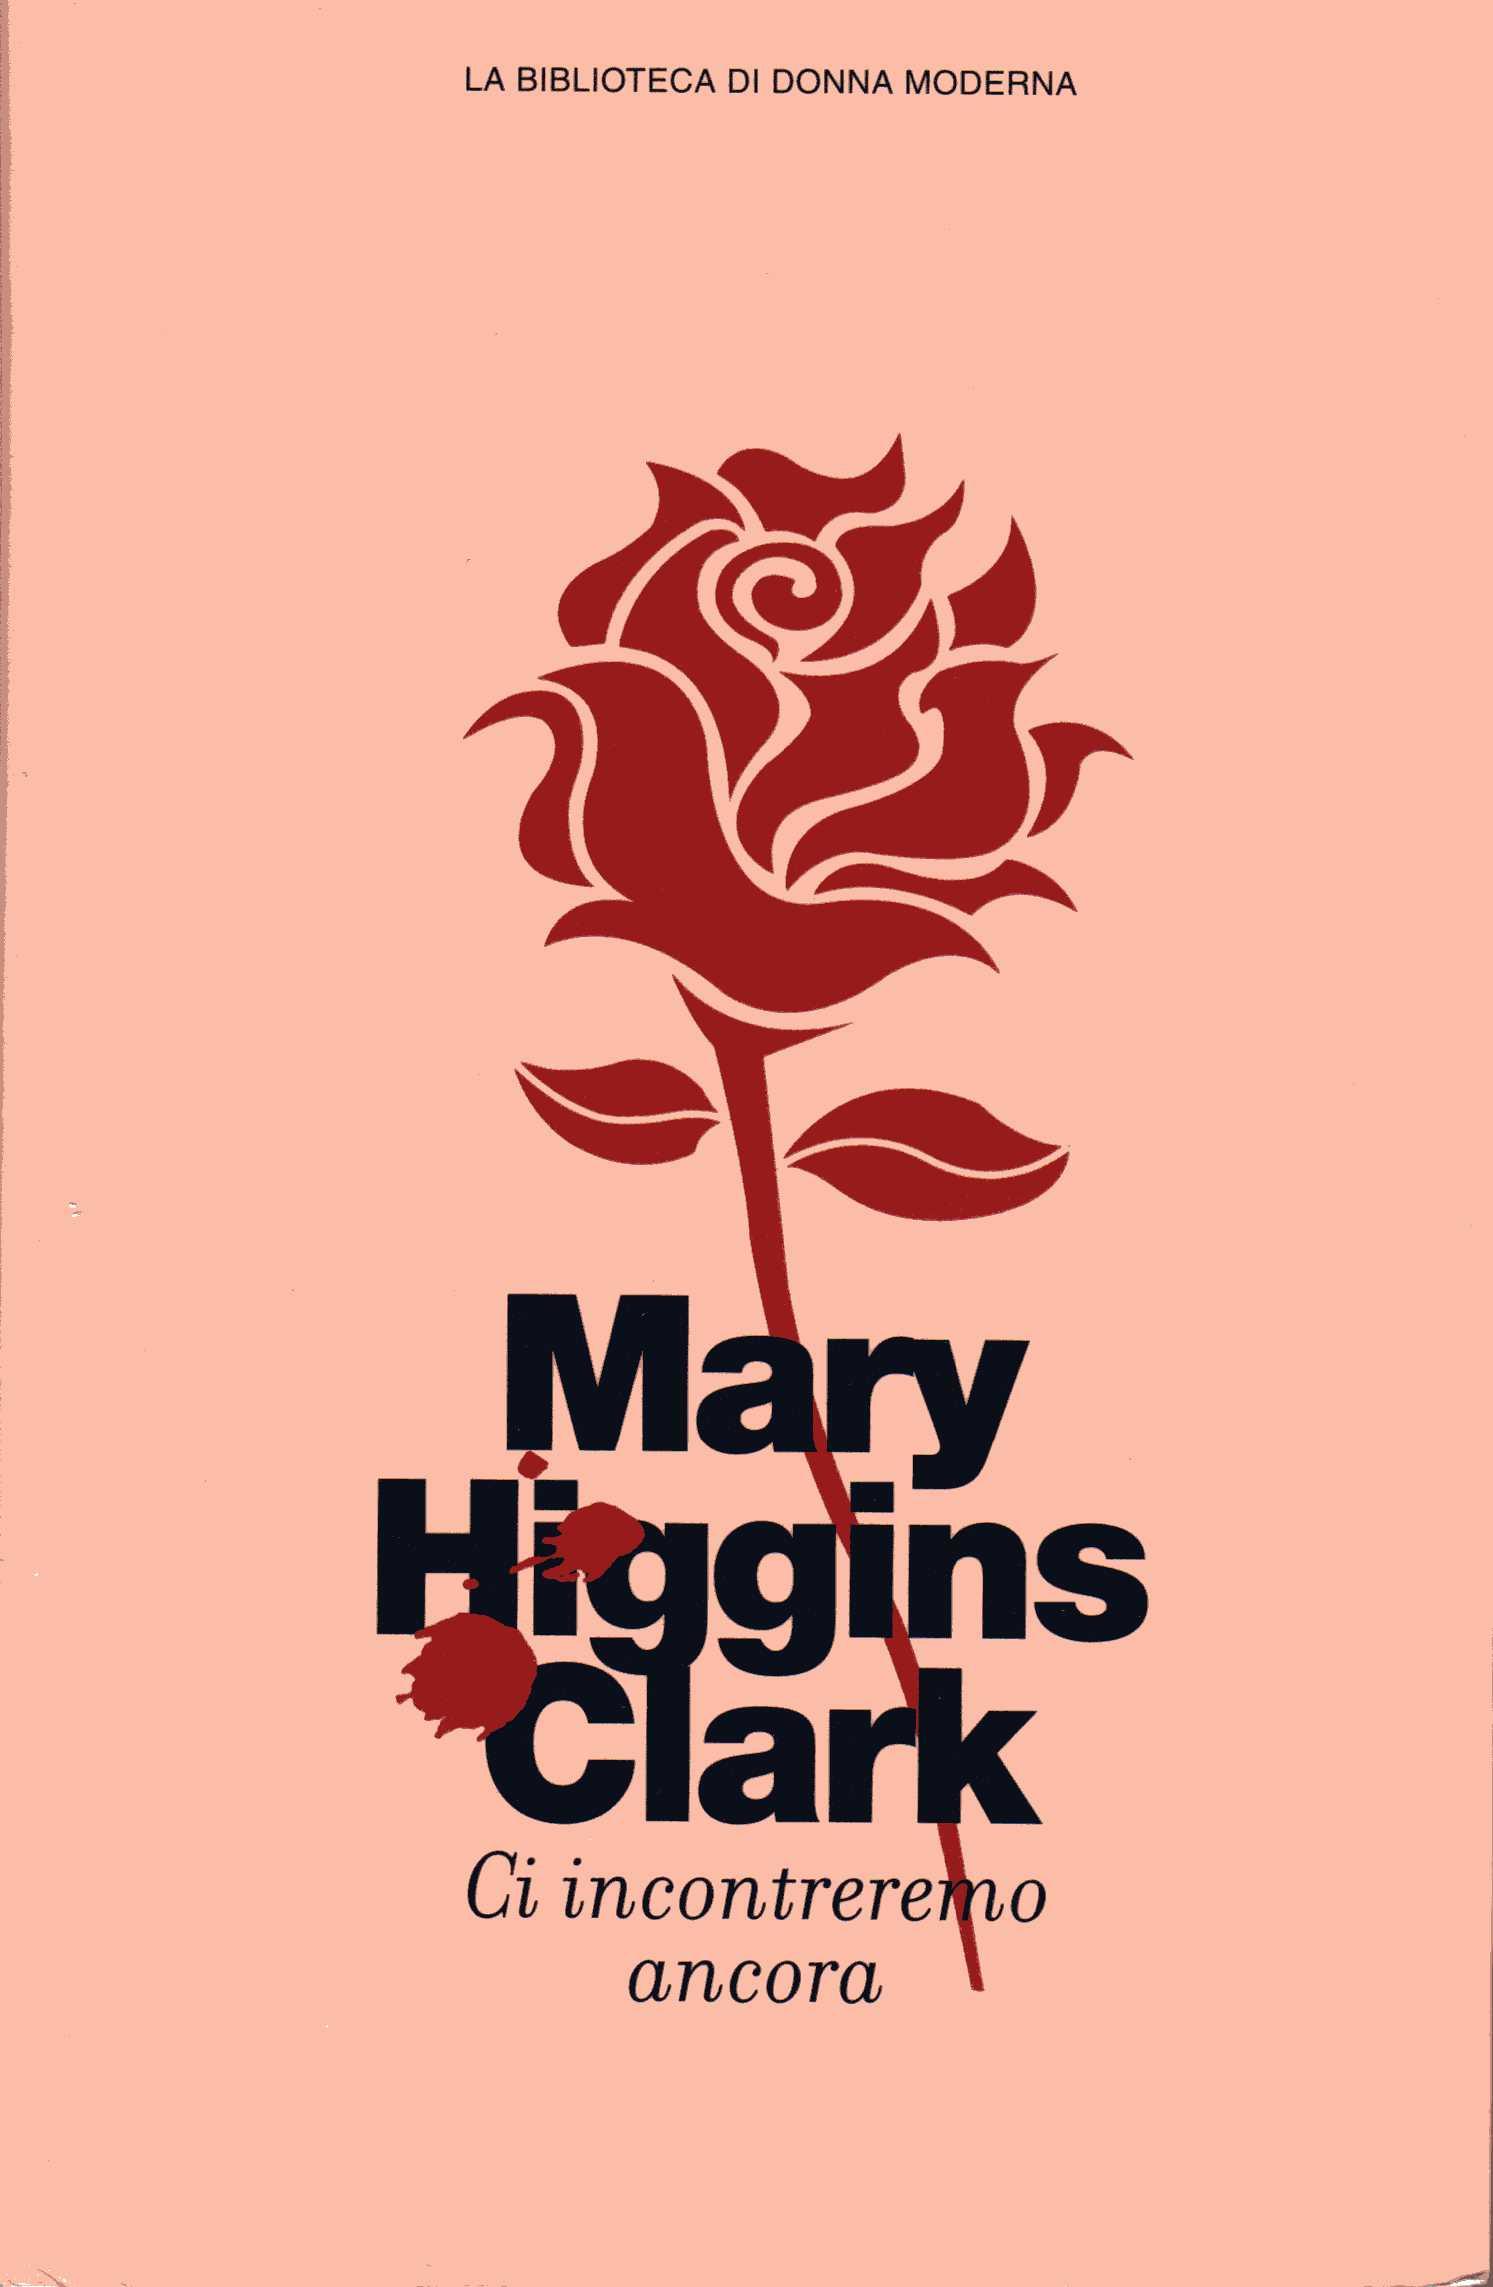 Ci incontreremo ancora - Mary Higgins Clark